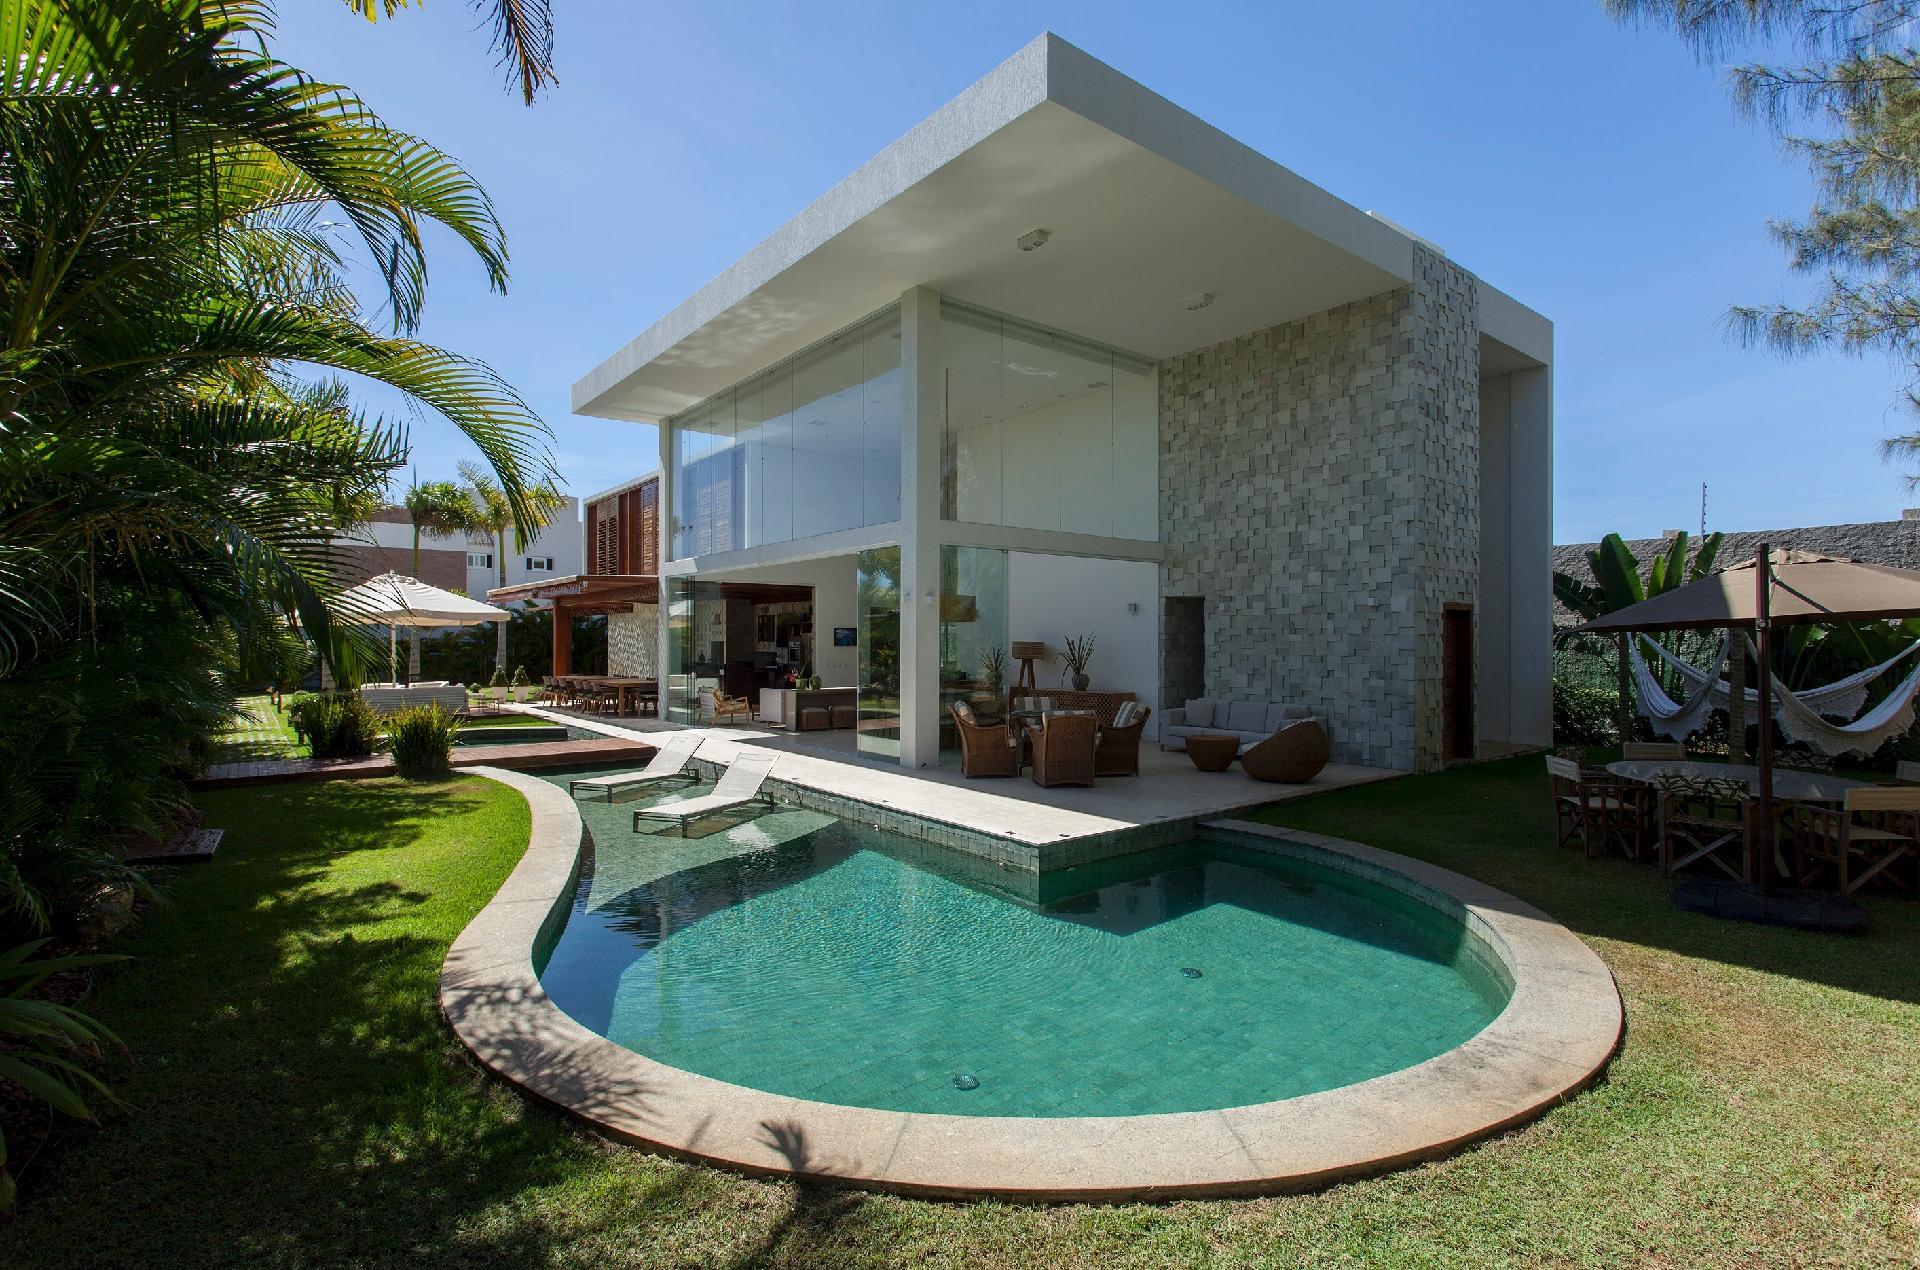 A piscina é revestida em pedra hijau verde de origem vulcânica. Ao lado, uma mesa com guarda-sol do tipo ombrelone e redes completam o ambiente. O projeto de arquitetura e interiores é do escritório SQ+ Arquitetos Associados